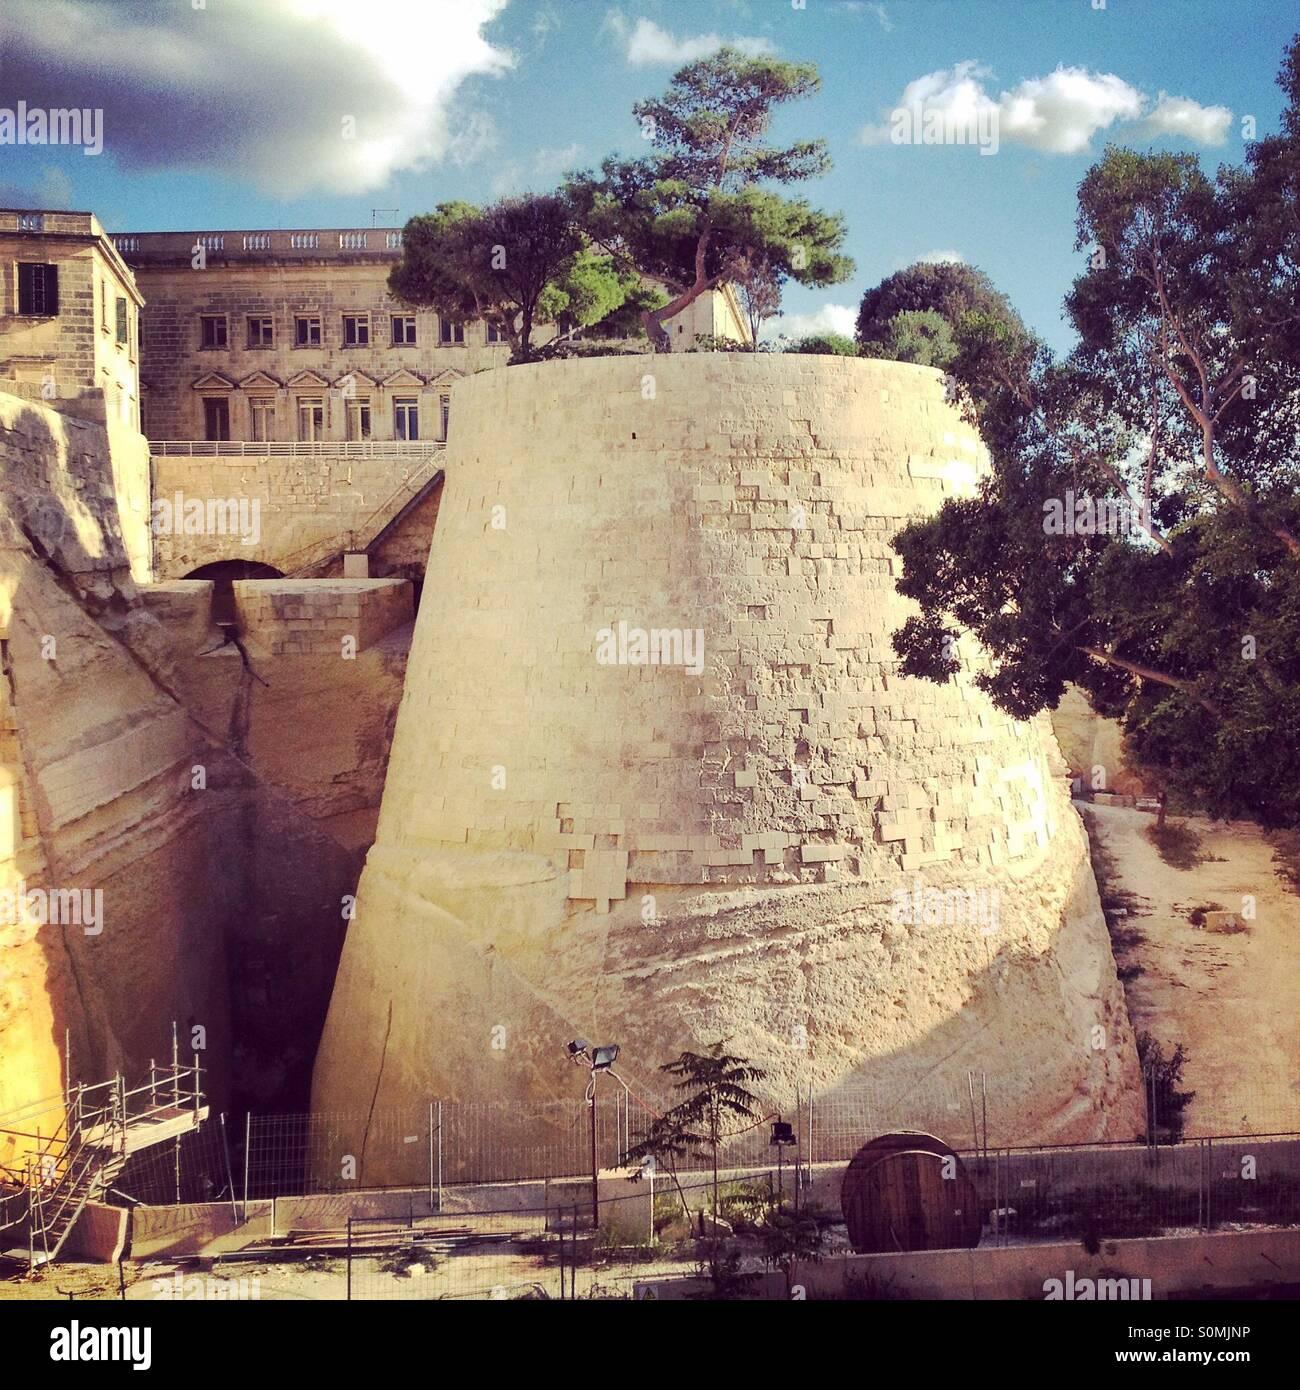 Valleta in Malta - Stock Image